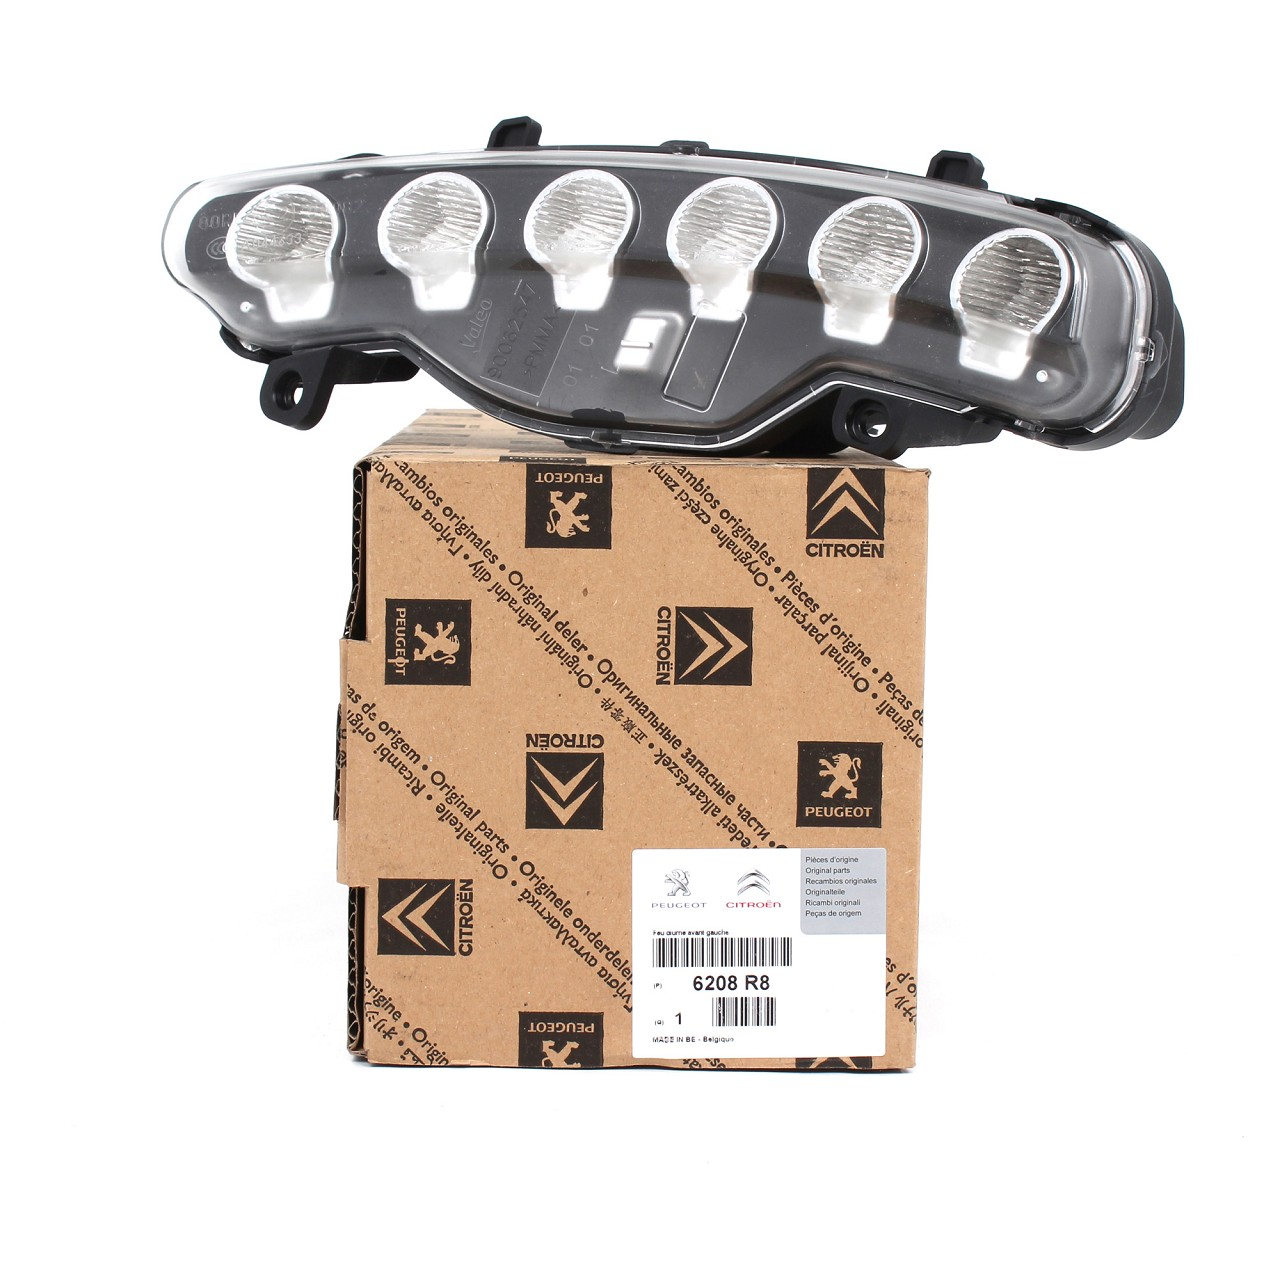 ORIGINAL Citroen Tagfahrleuchte Tagfahrlicht LED DS3 links 6208.R8